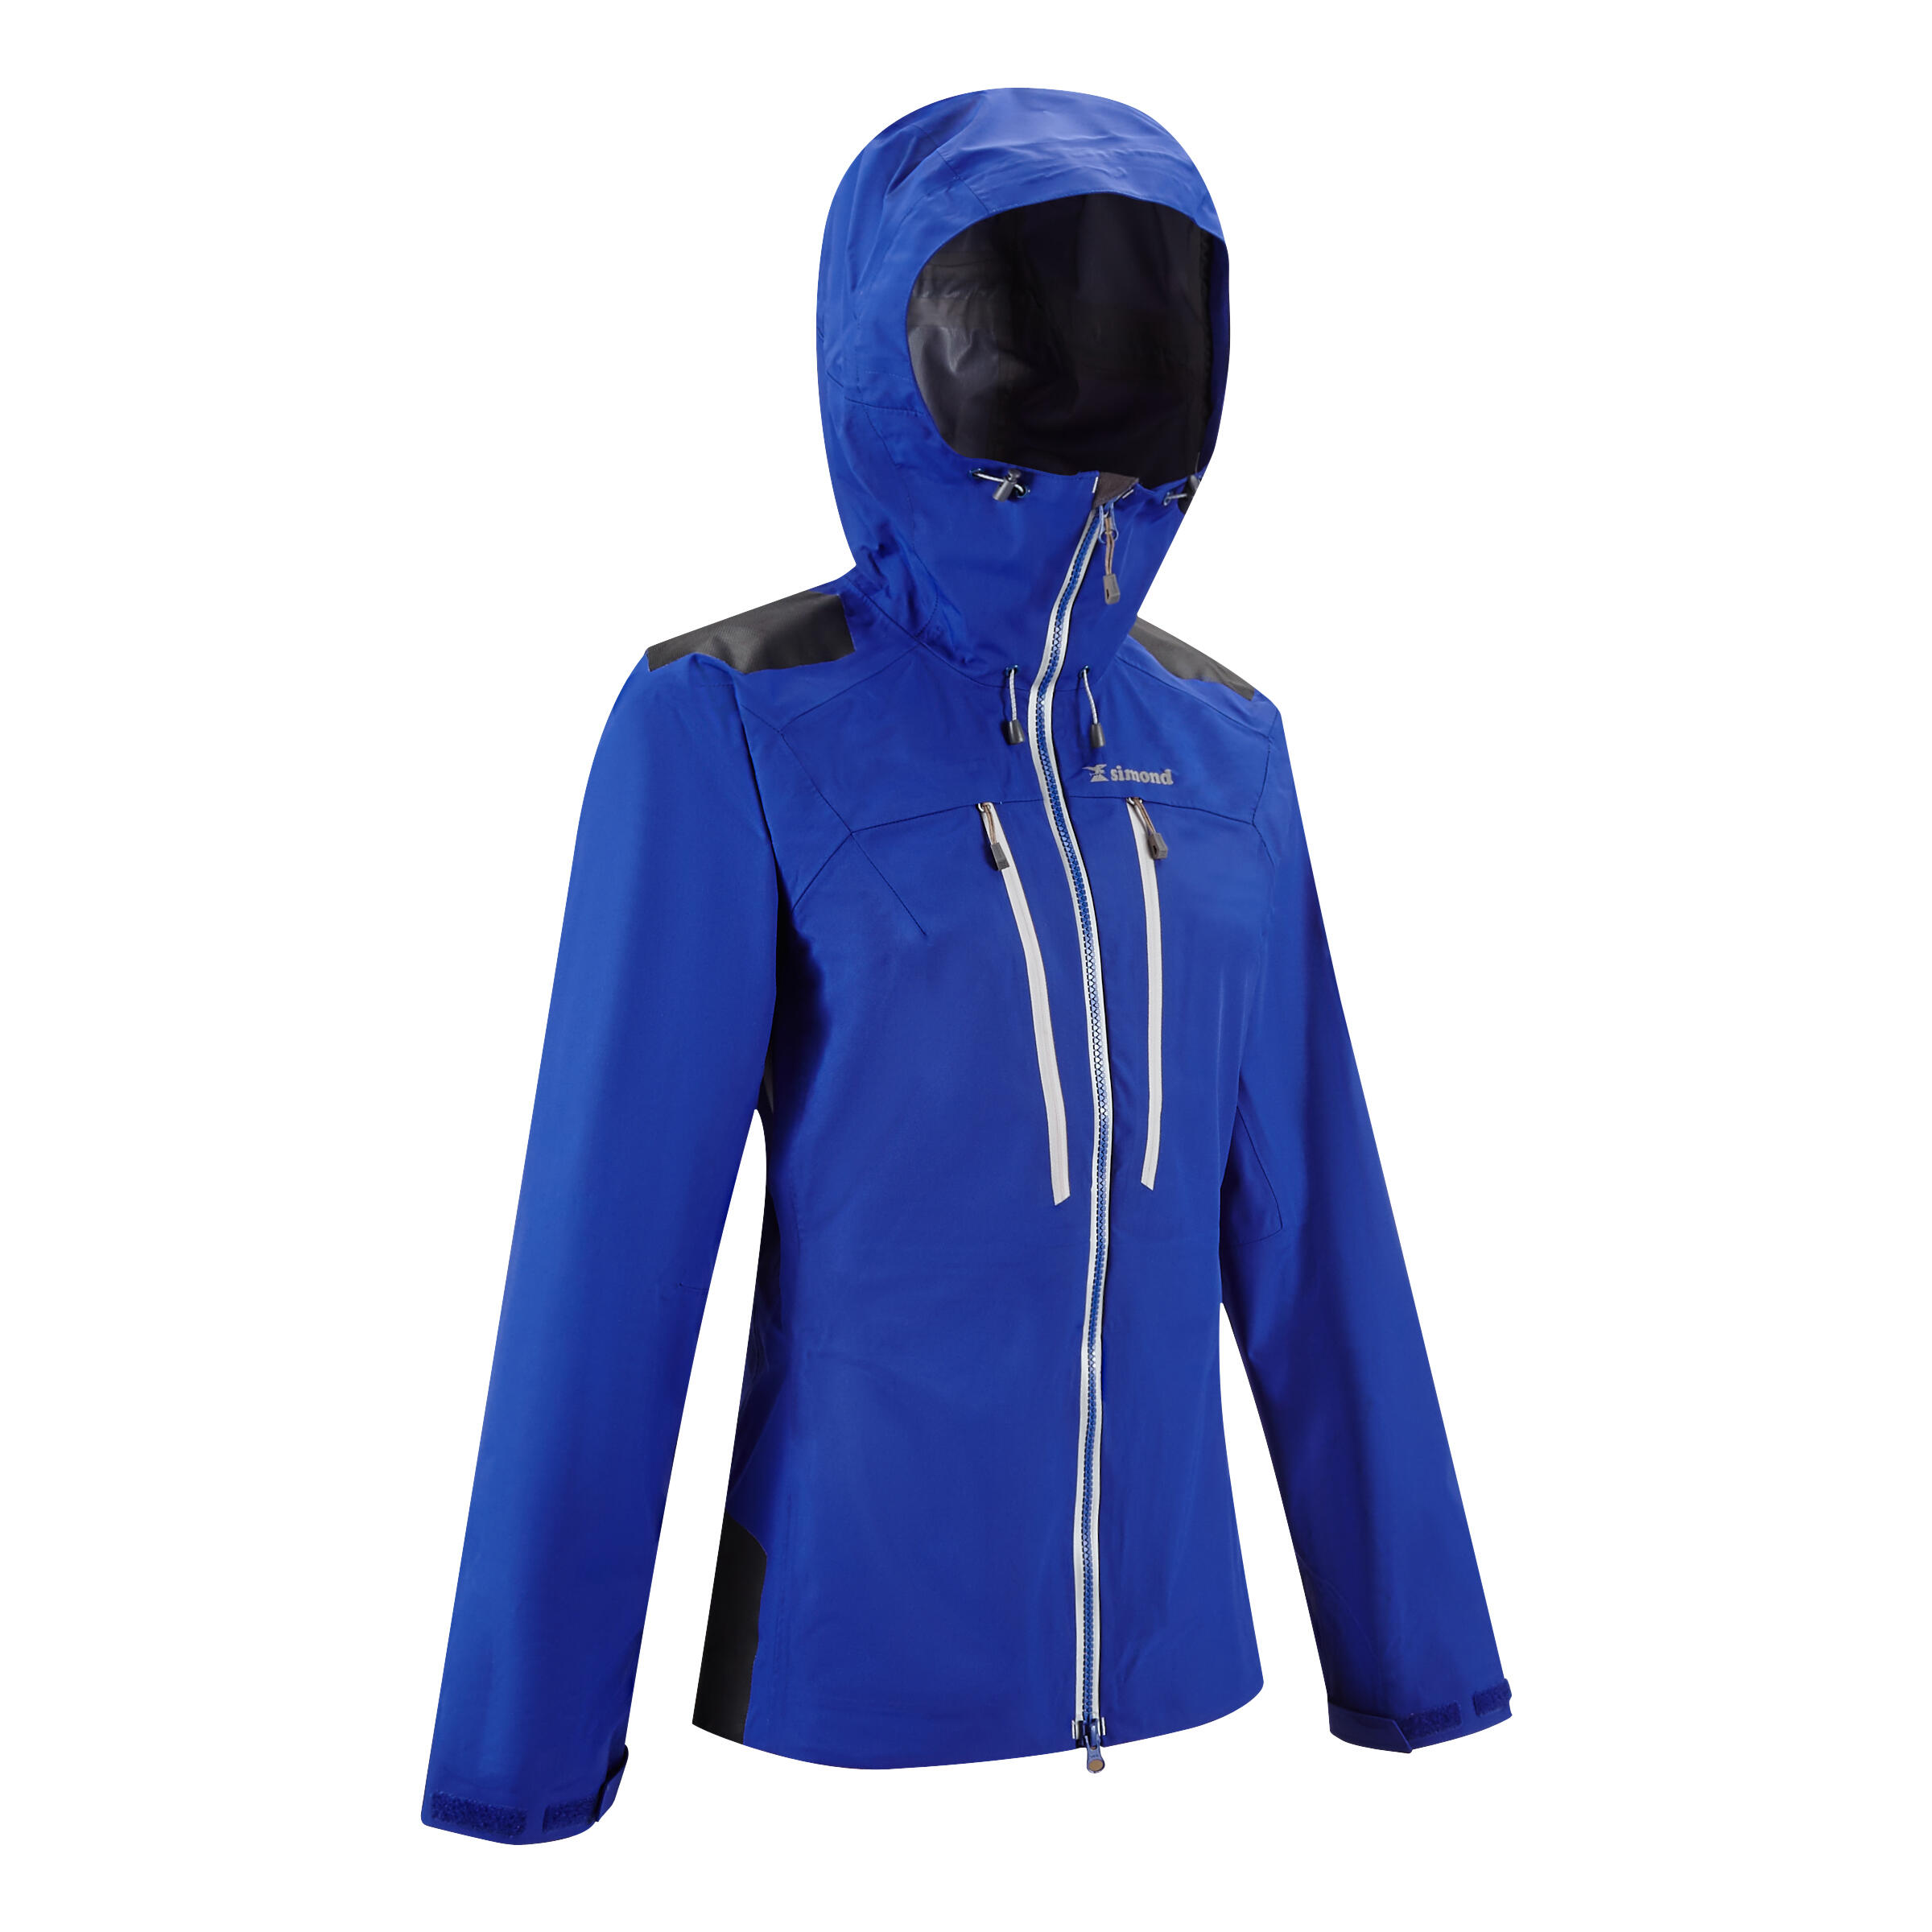 Jachetă Alpinism Damă imagine